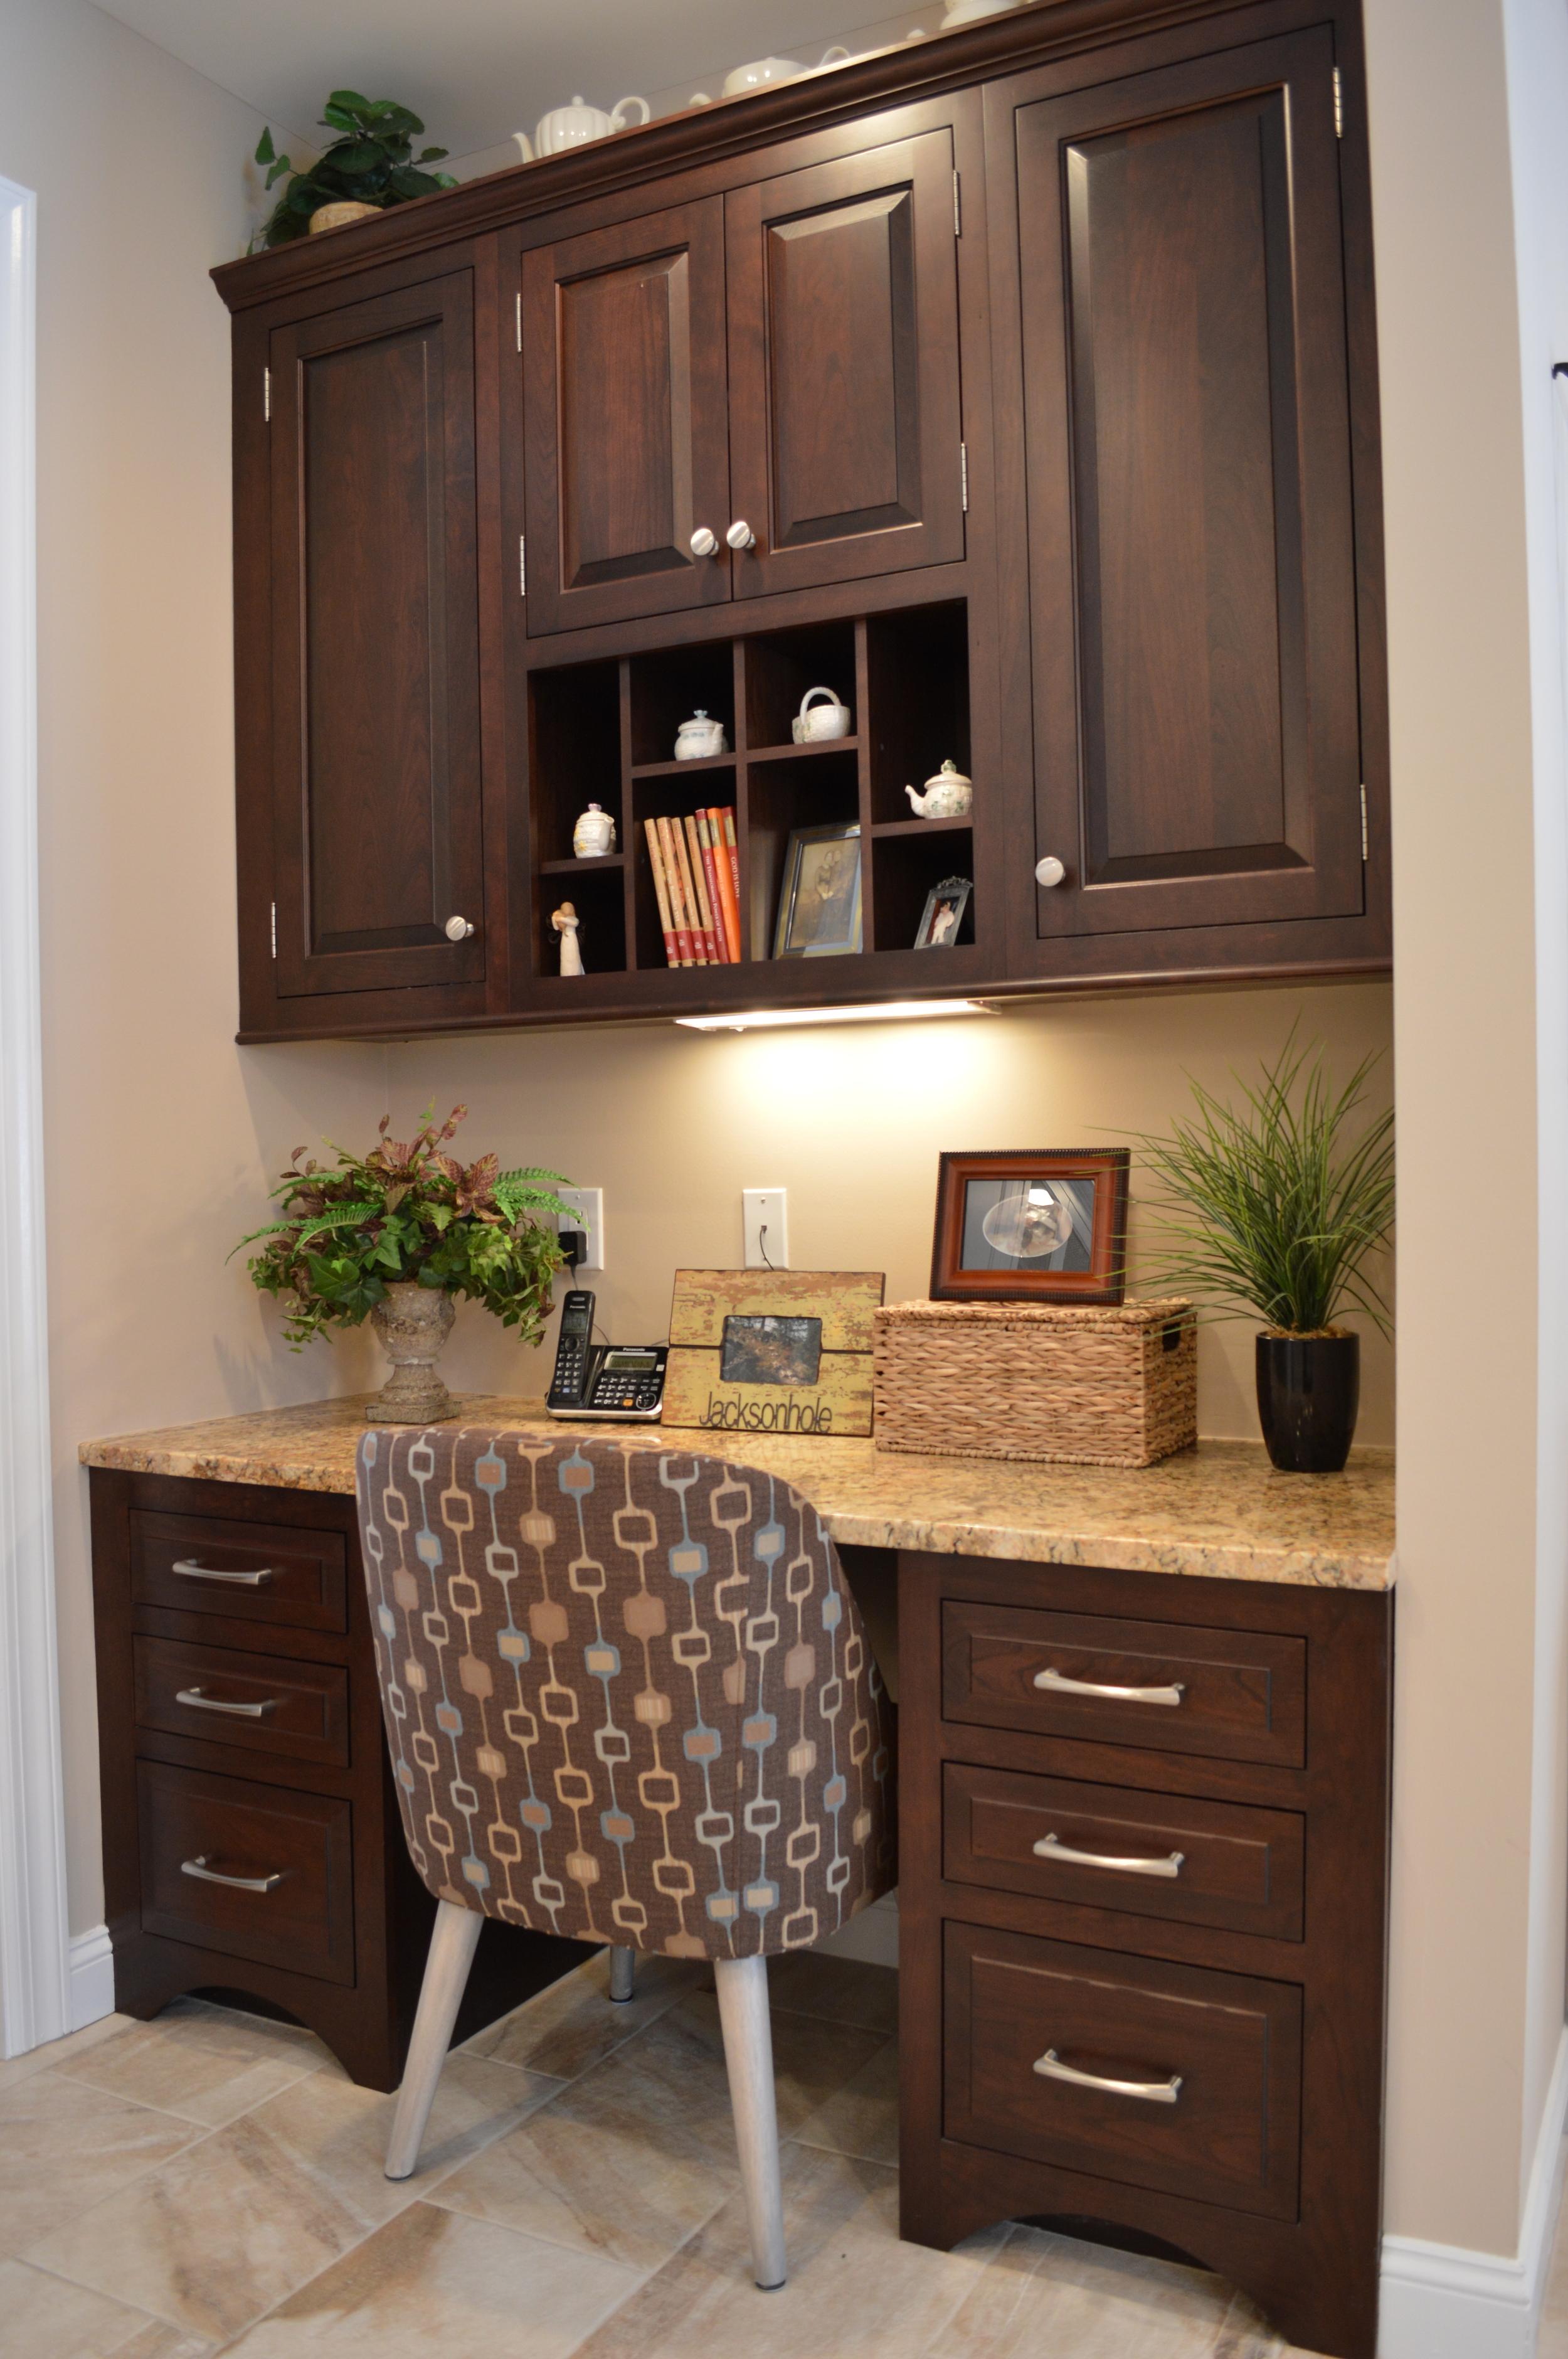 Dark Espresso Cherry Kitchen Desk Area - Display Shelf